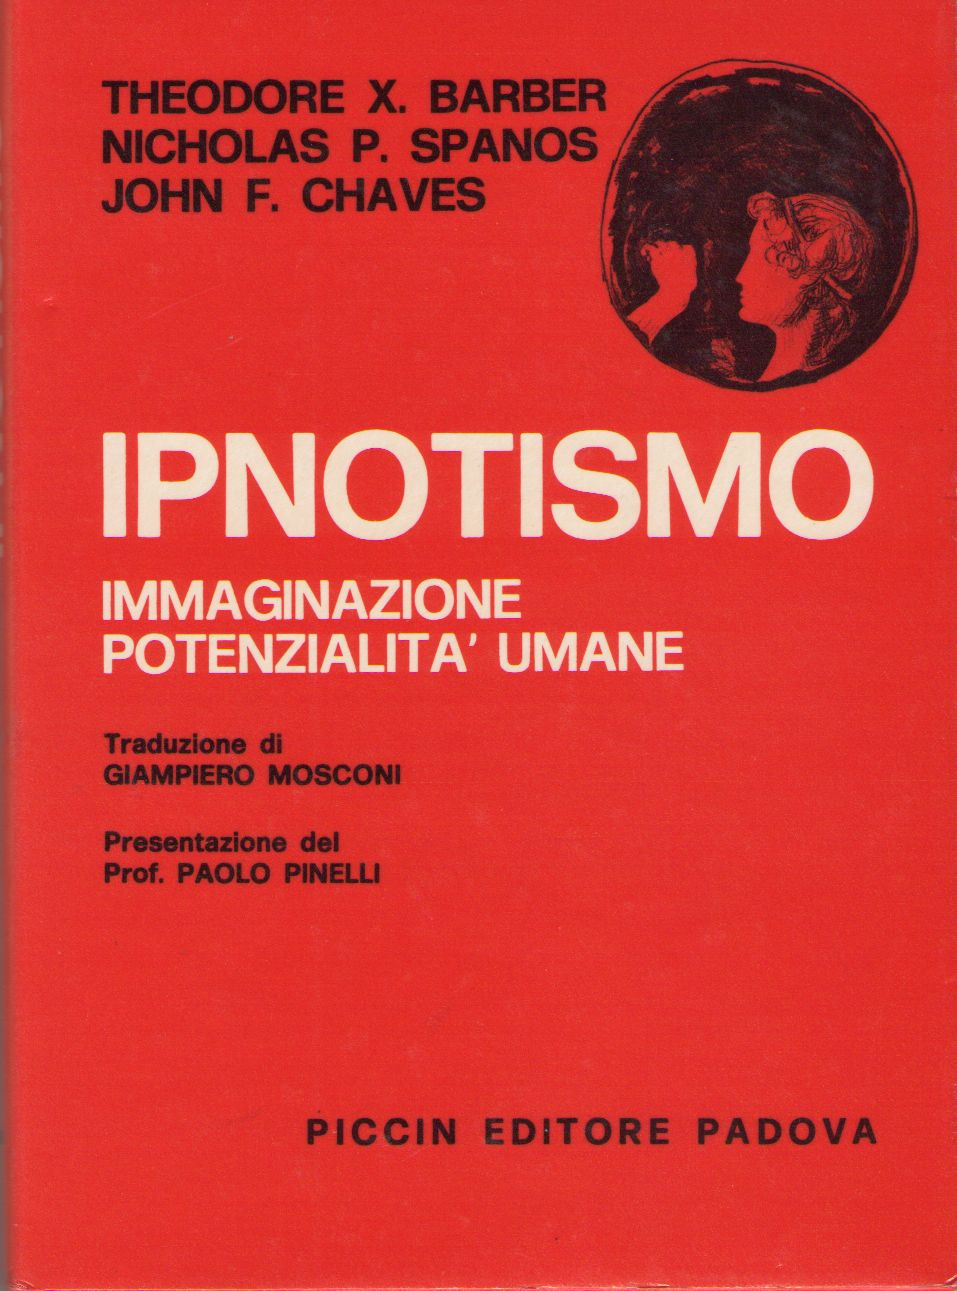 Ipnotismo, immaginaz...